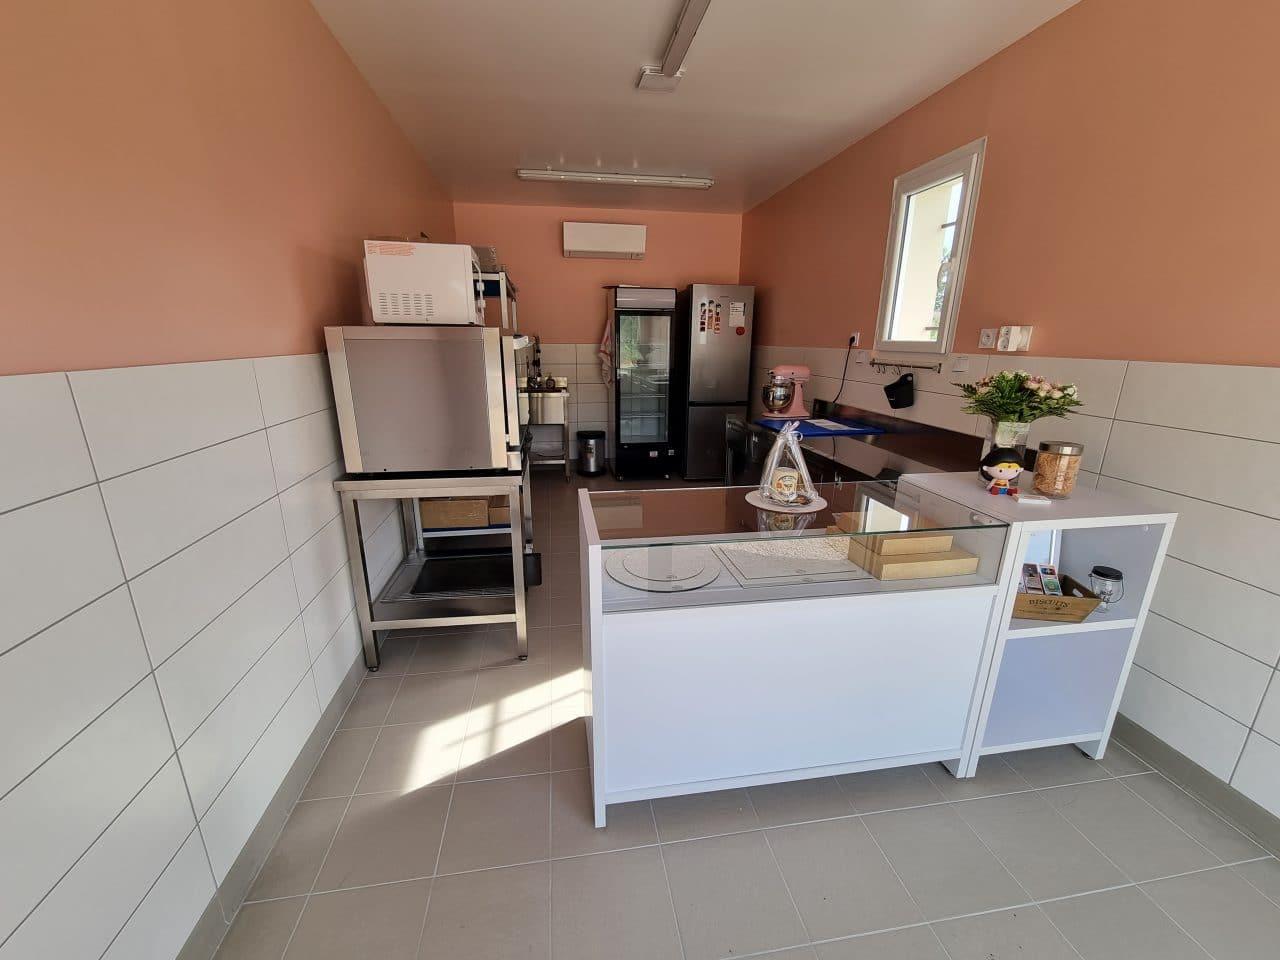 création d'un laboratoire de pâtisserie à Saint-Sulpice-la-Pointe - vue d'ensemble